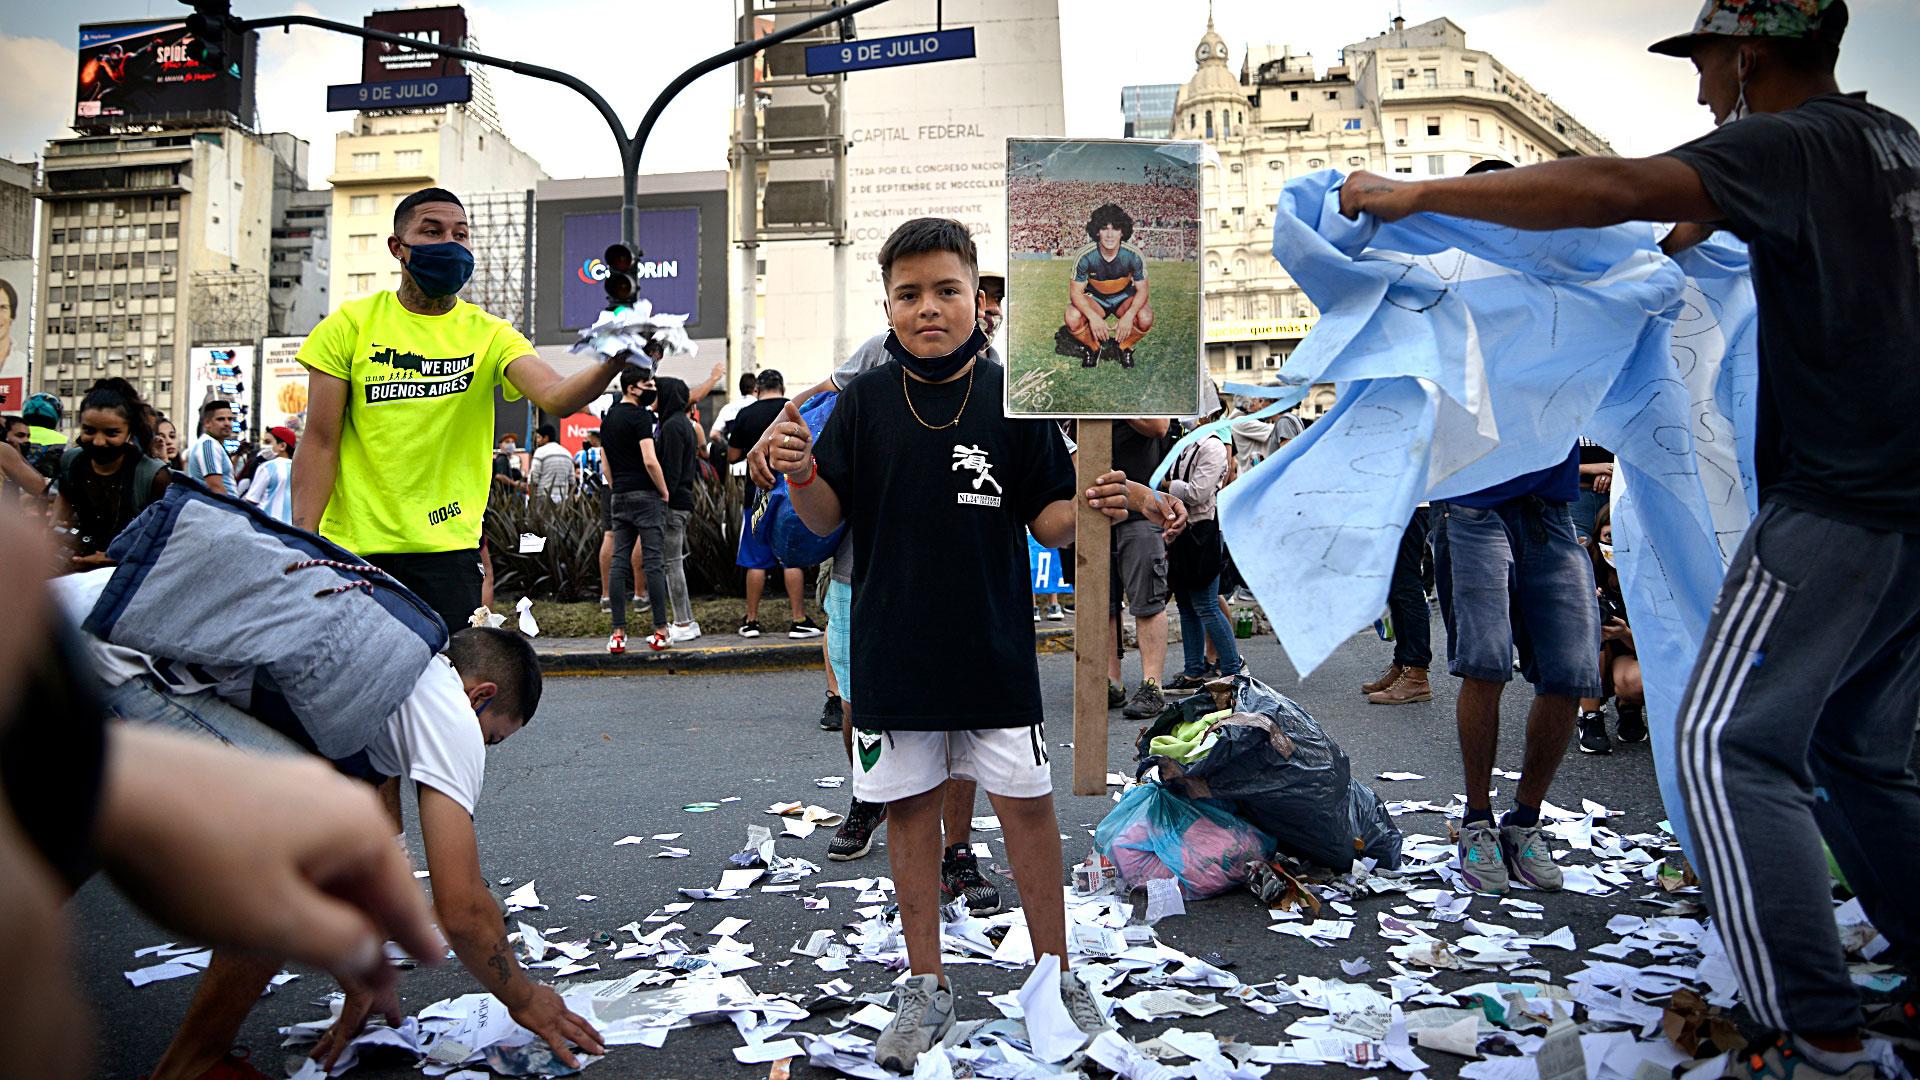 Los papelitos que lo bañaron en las salidas al campo de juego reposan en el suelo. Y un niño lamenta su partida junto a su imagen (Gustavo Gavotti)